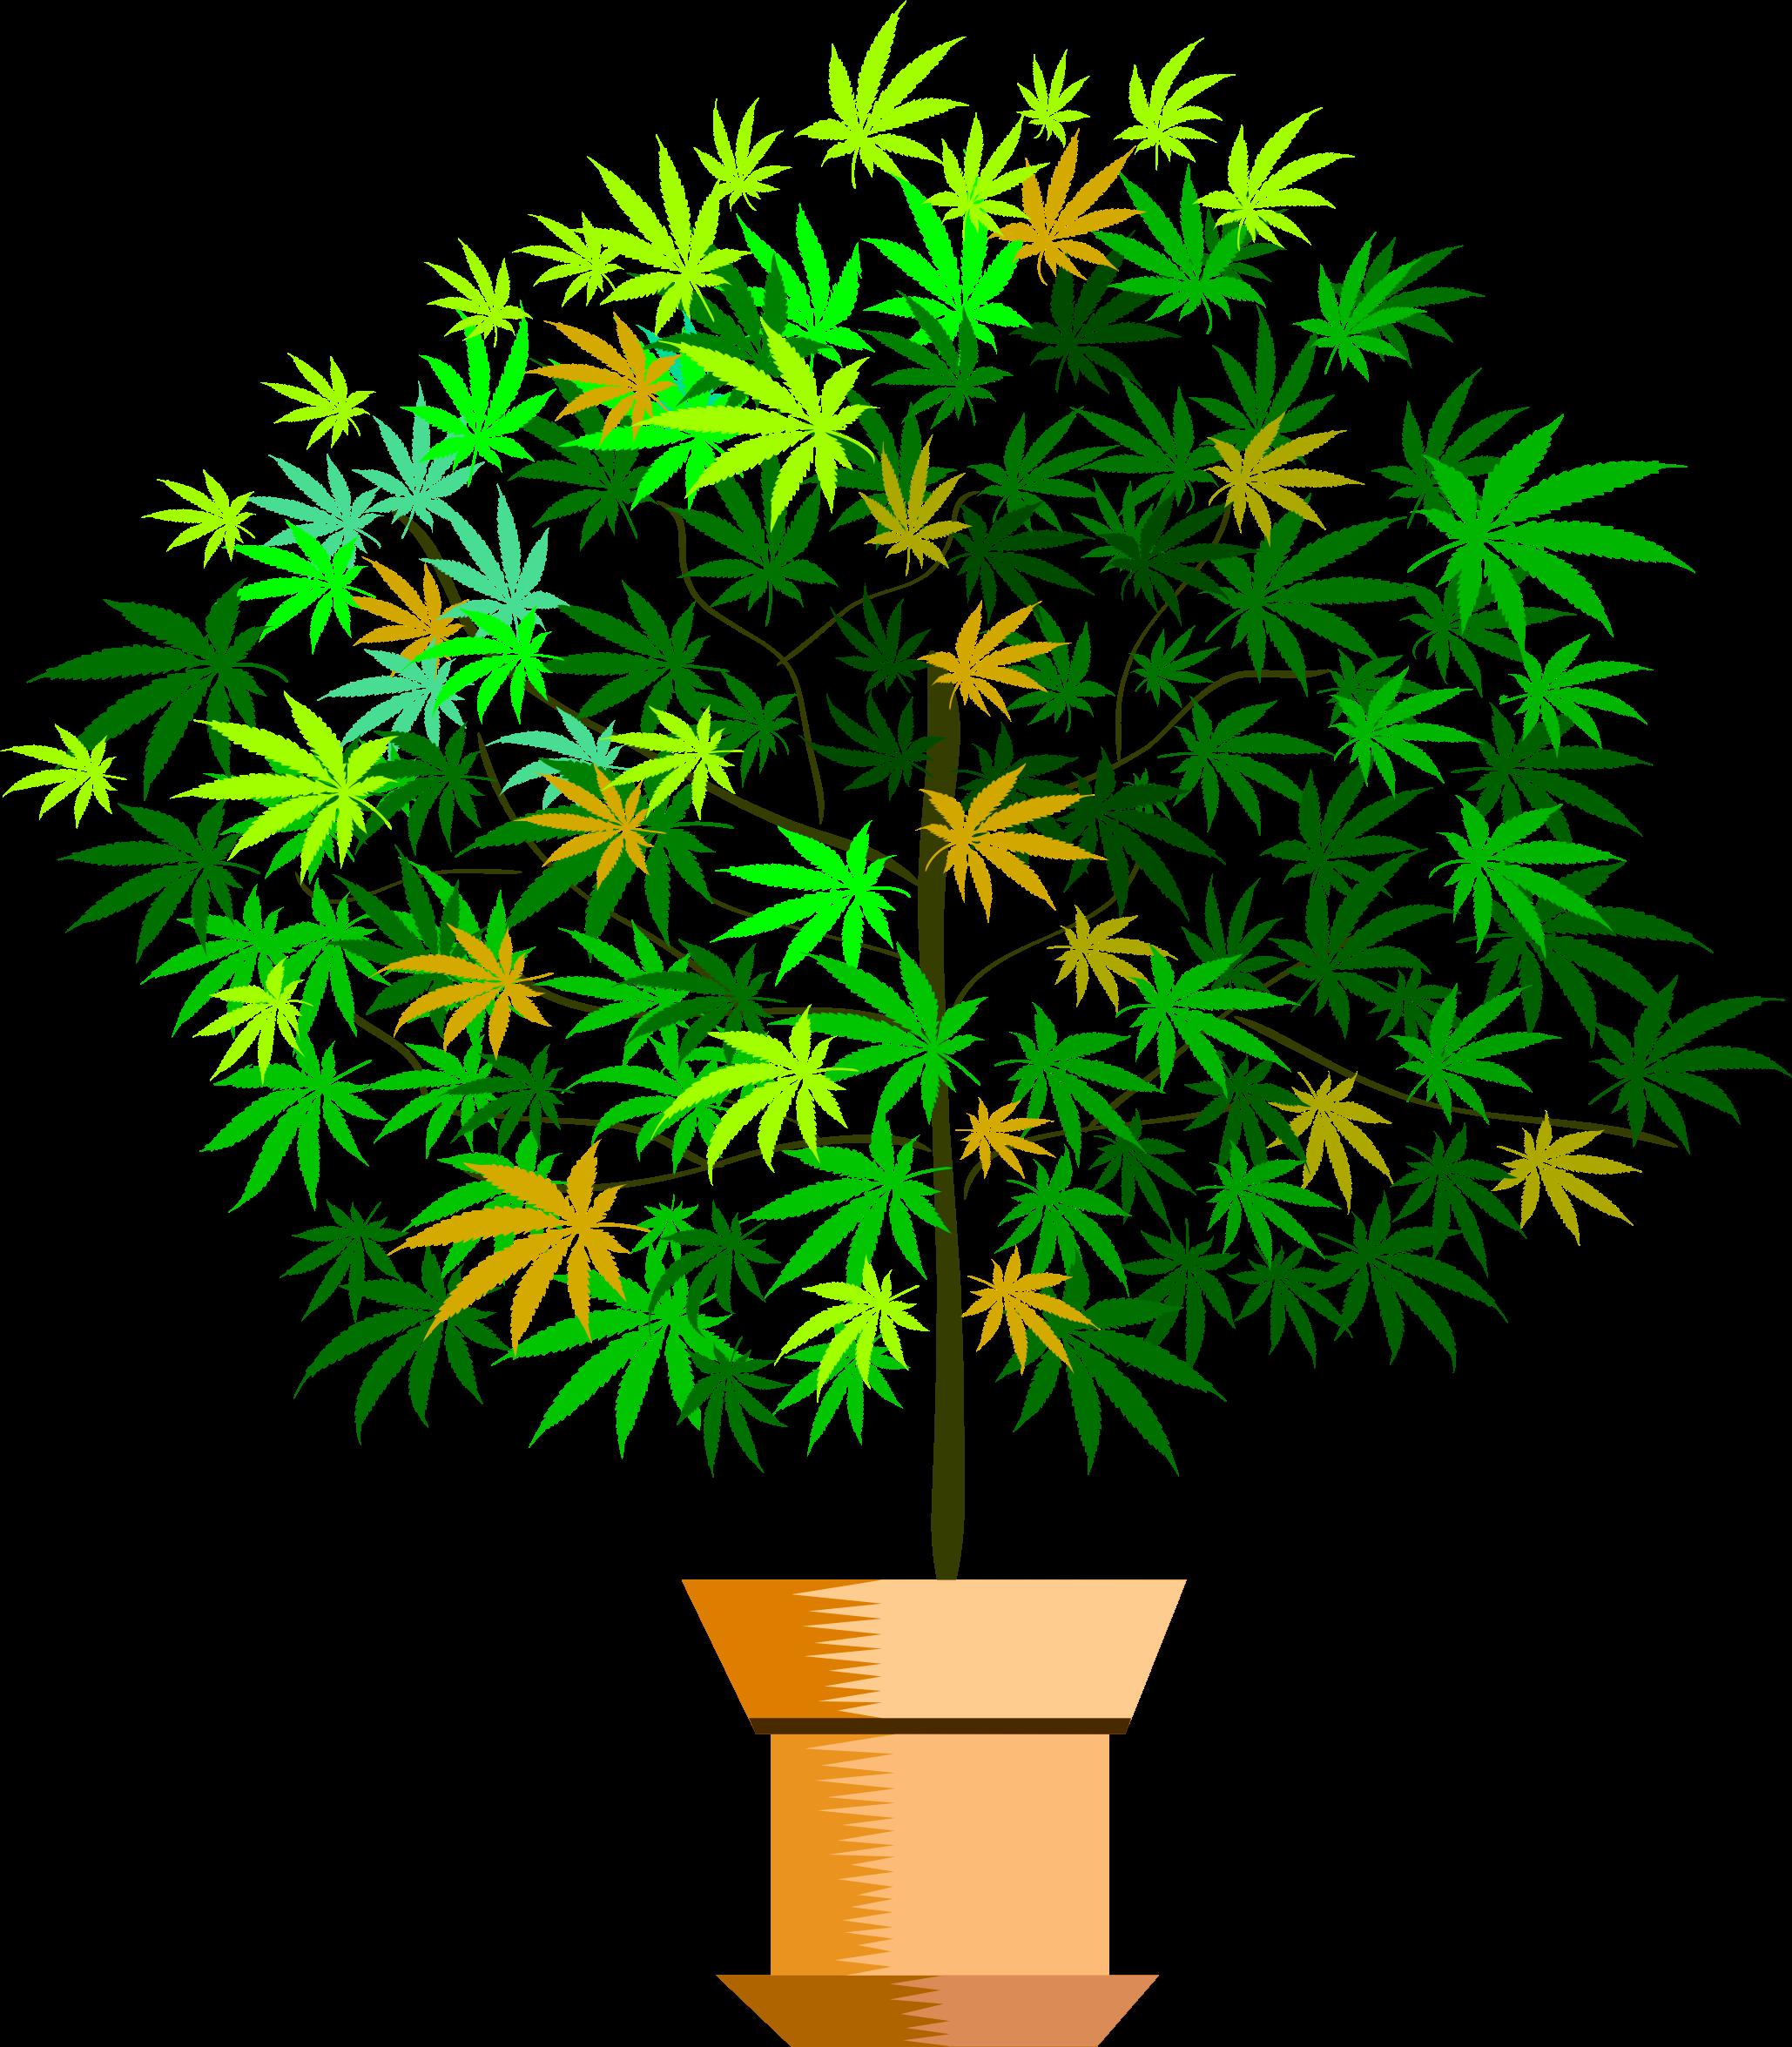 House plant clipart picture transparent download Clipart - a potted plant picture transparent download